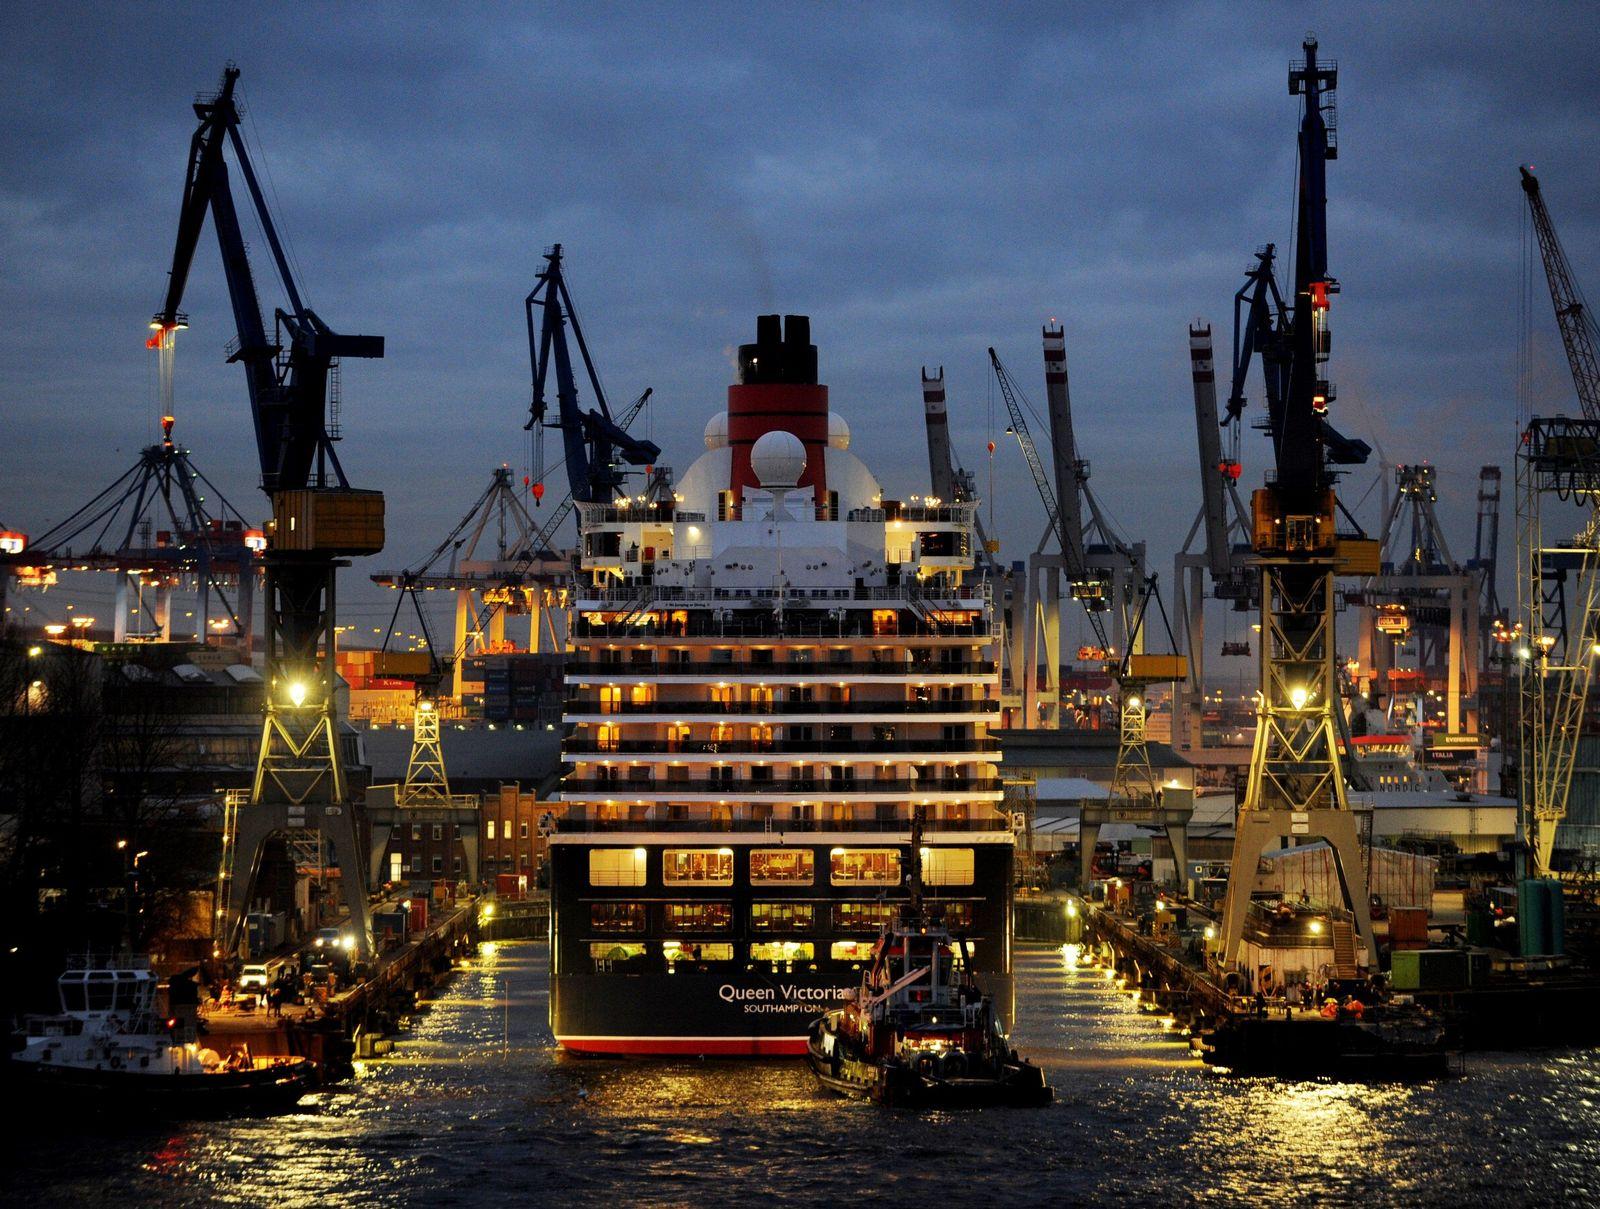 Hamburg Hafen / Queen Victoria / Blohm+Voss Werft